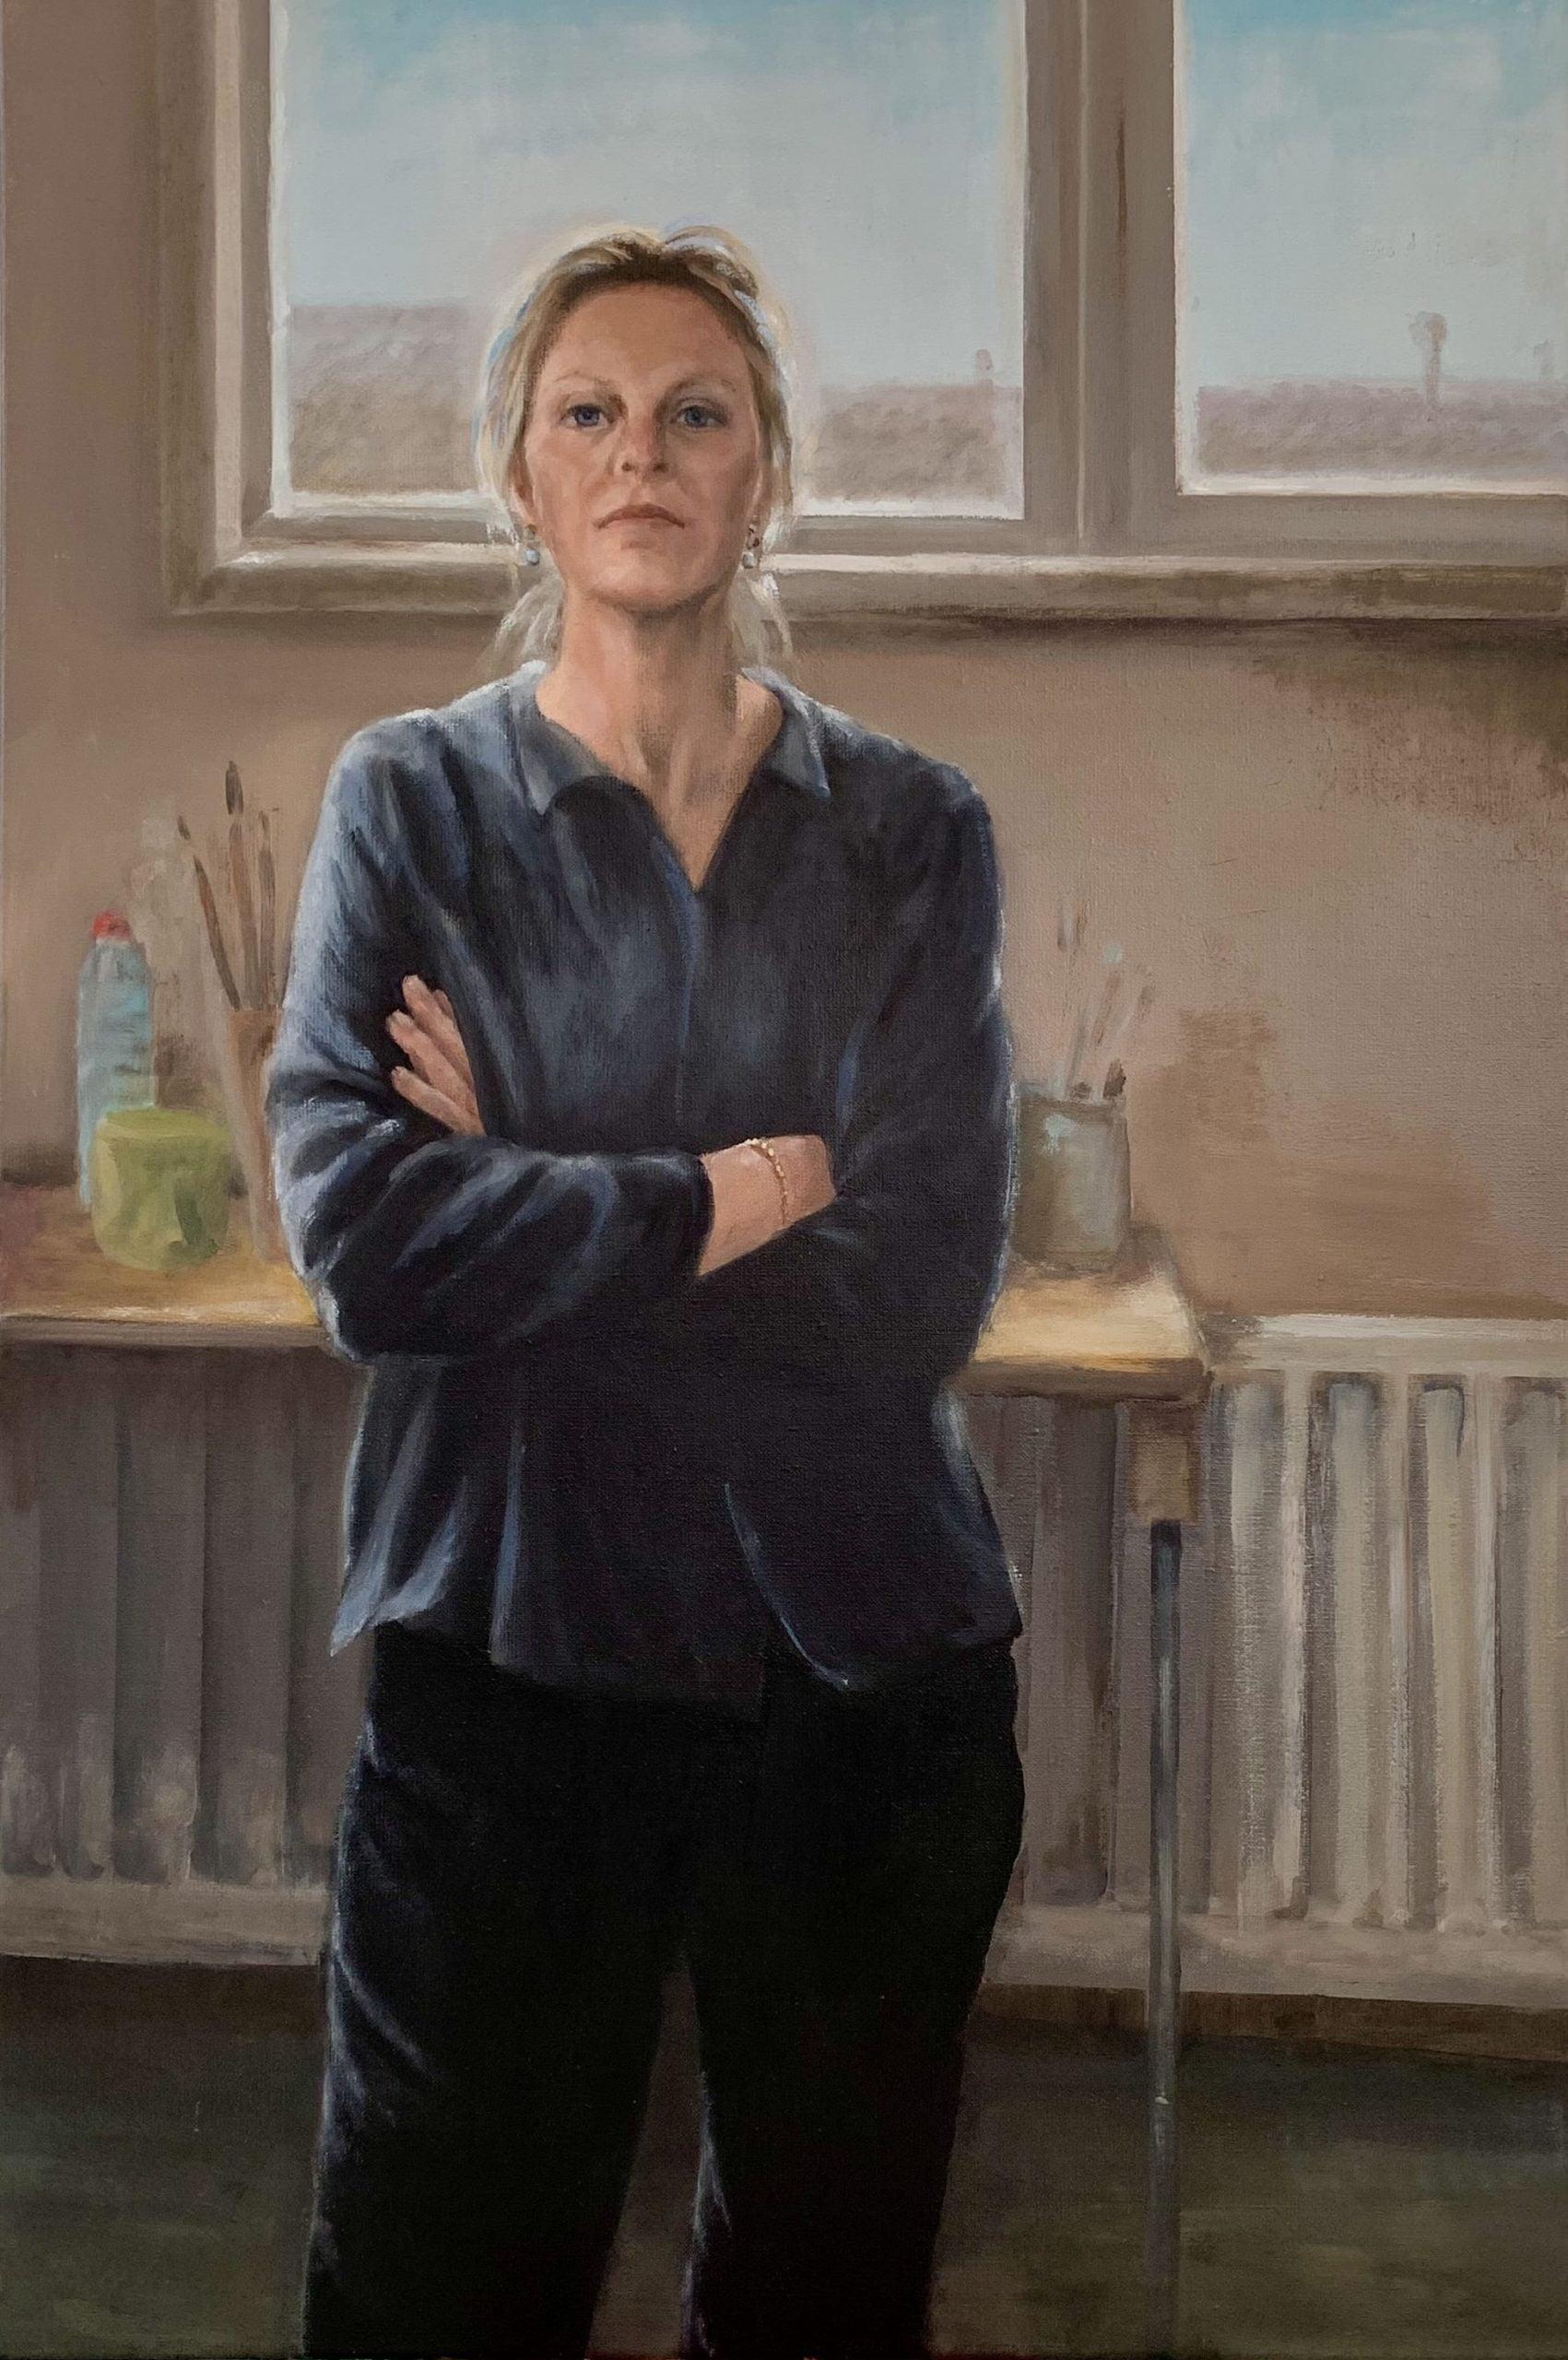 zelfportret_in_atelier,_olieverf_op_linnen_60x90_cm_-_margot_koopman